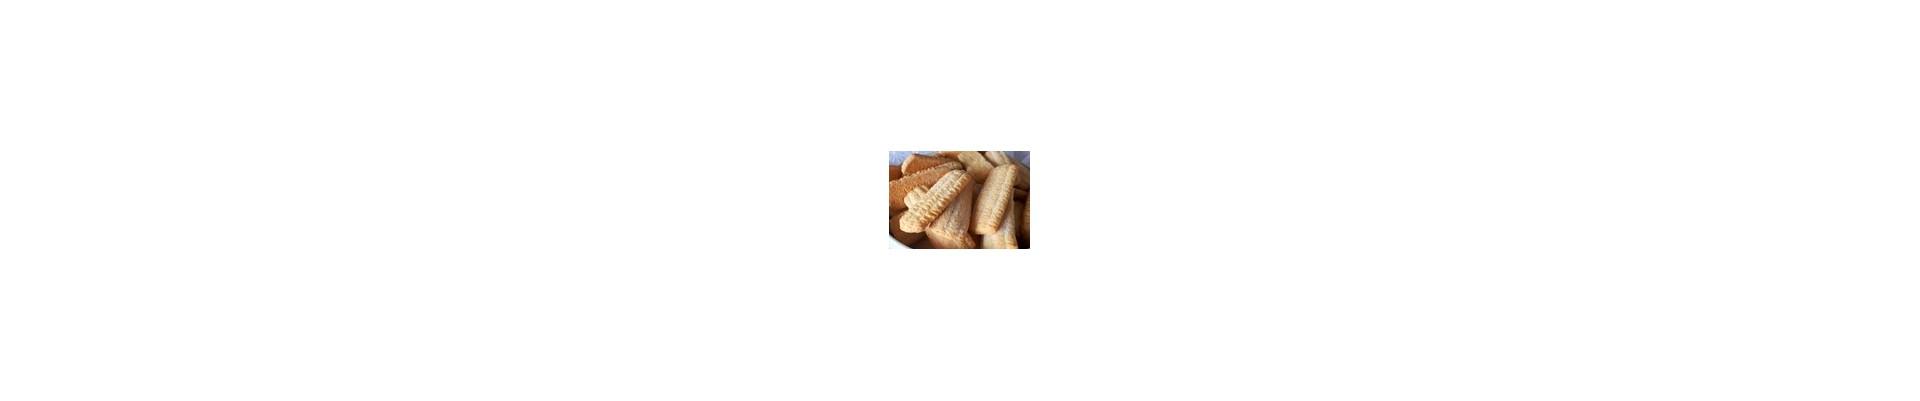 Online sales of Sicilian biscuits